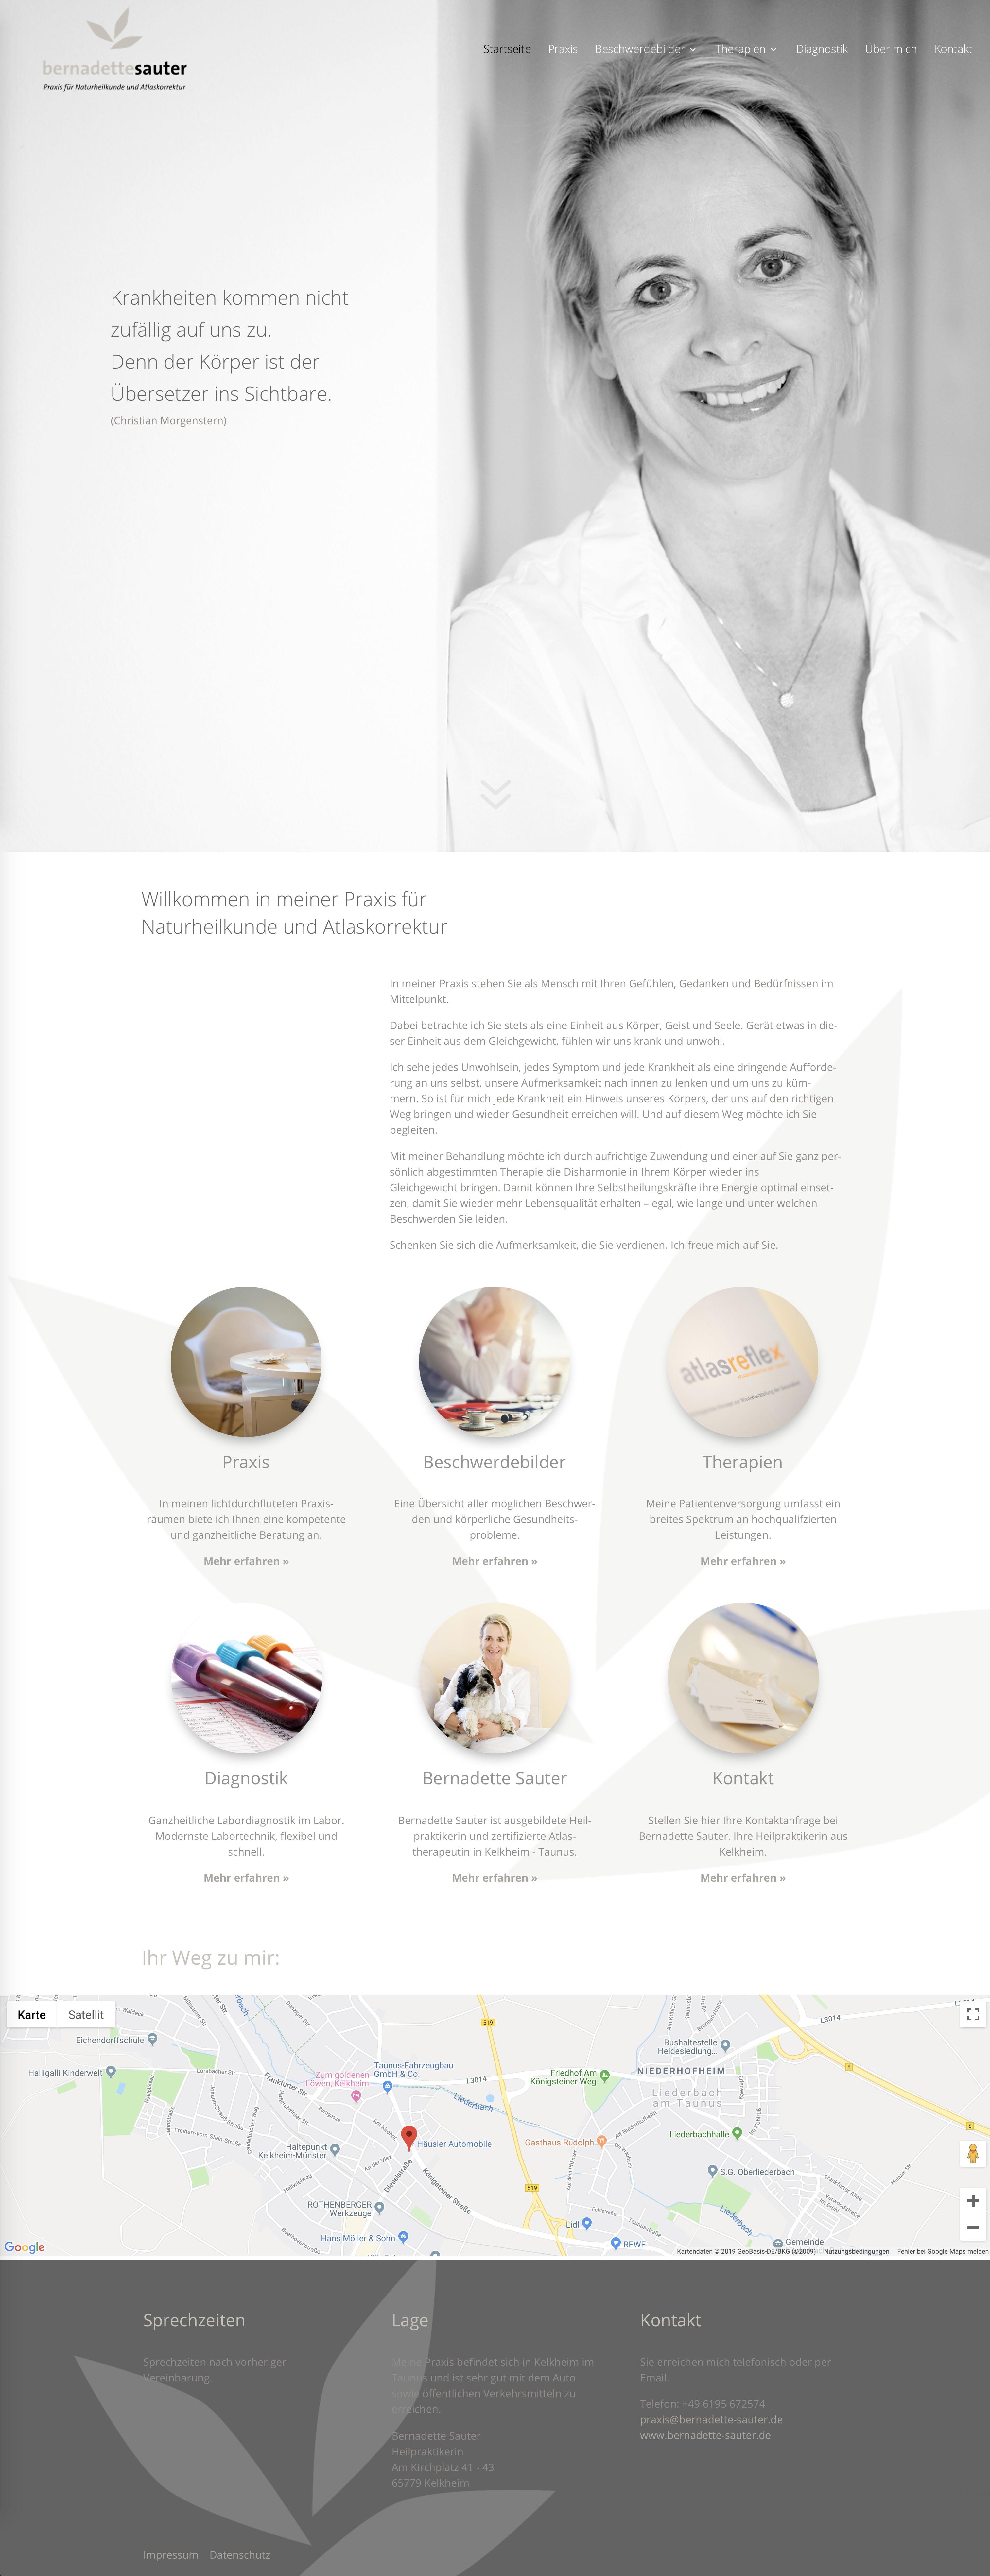 Webdesign Entwicklung und Programmierung Homepage für Bernadette Sauter, Praxis für Naturheilkunde und Atlaskorrekturdurch Webdesigner Ronald Wissler